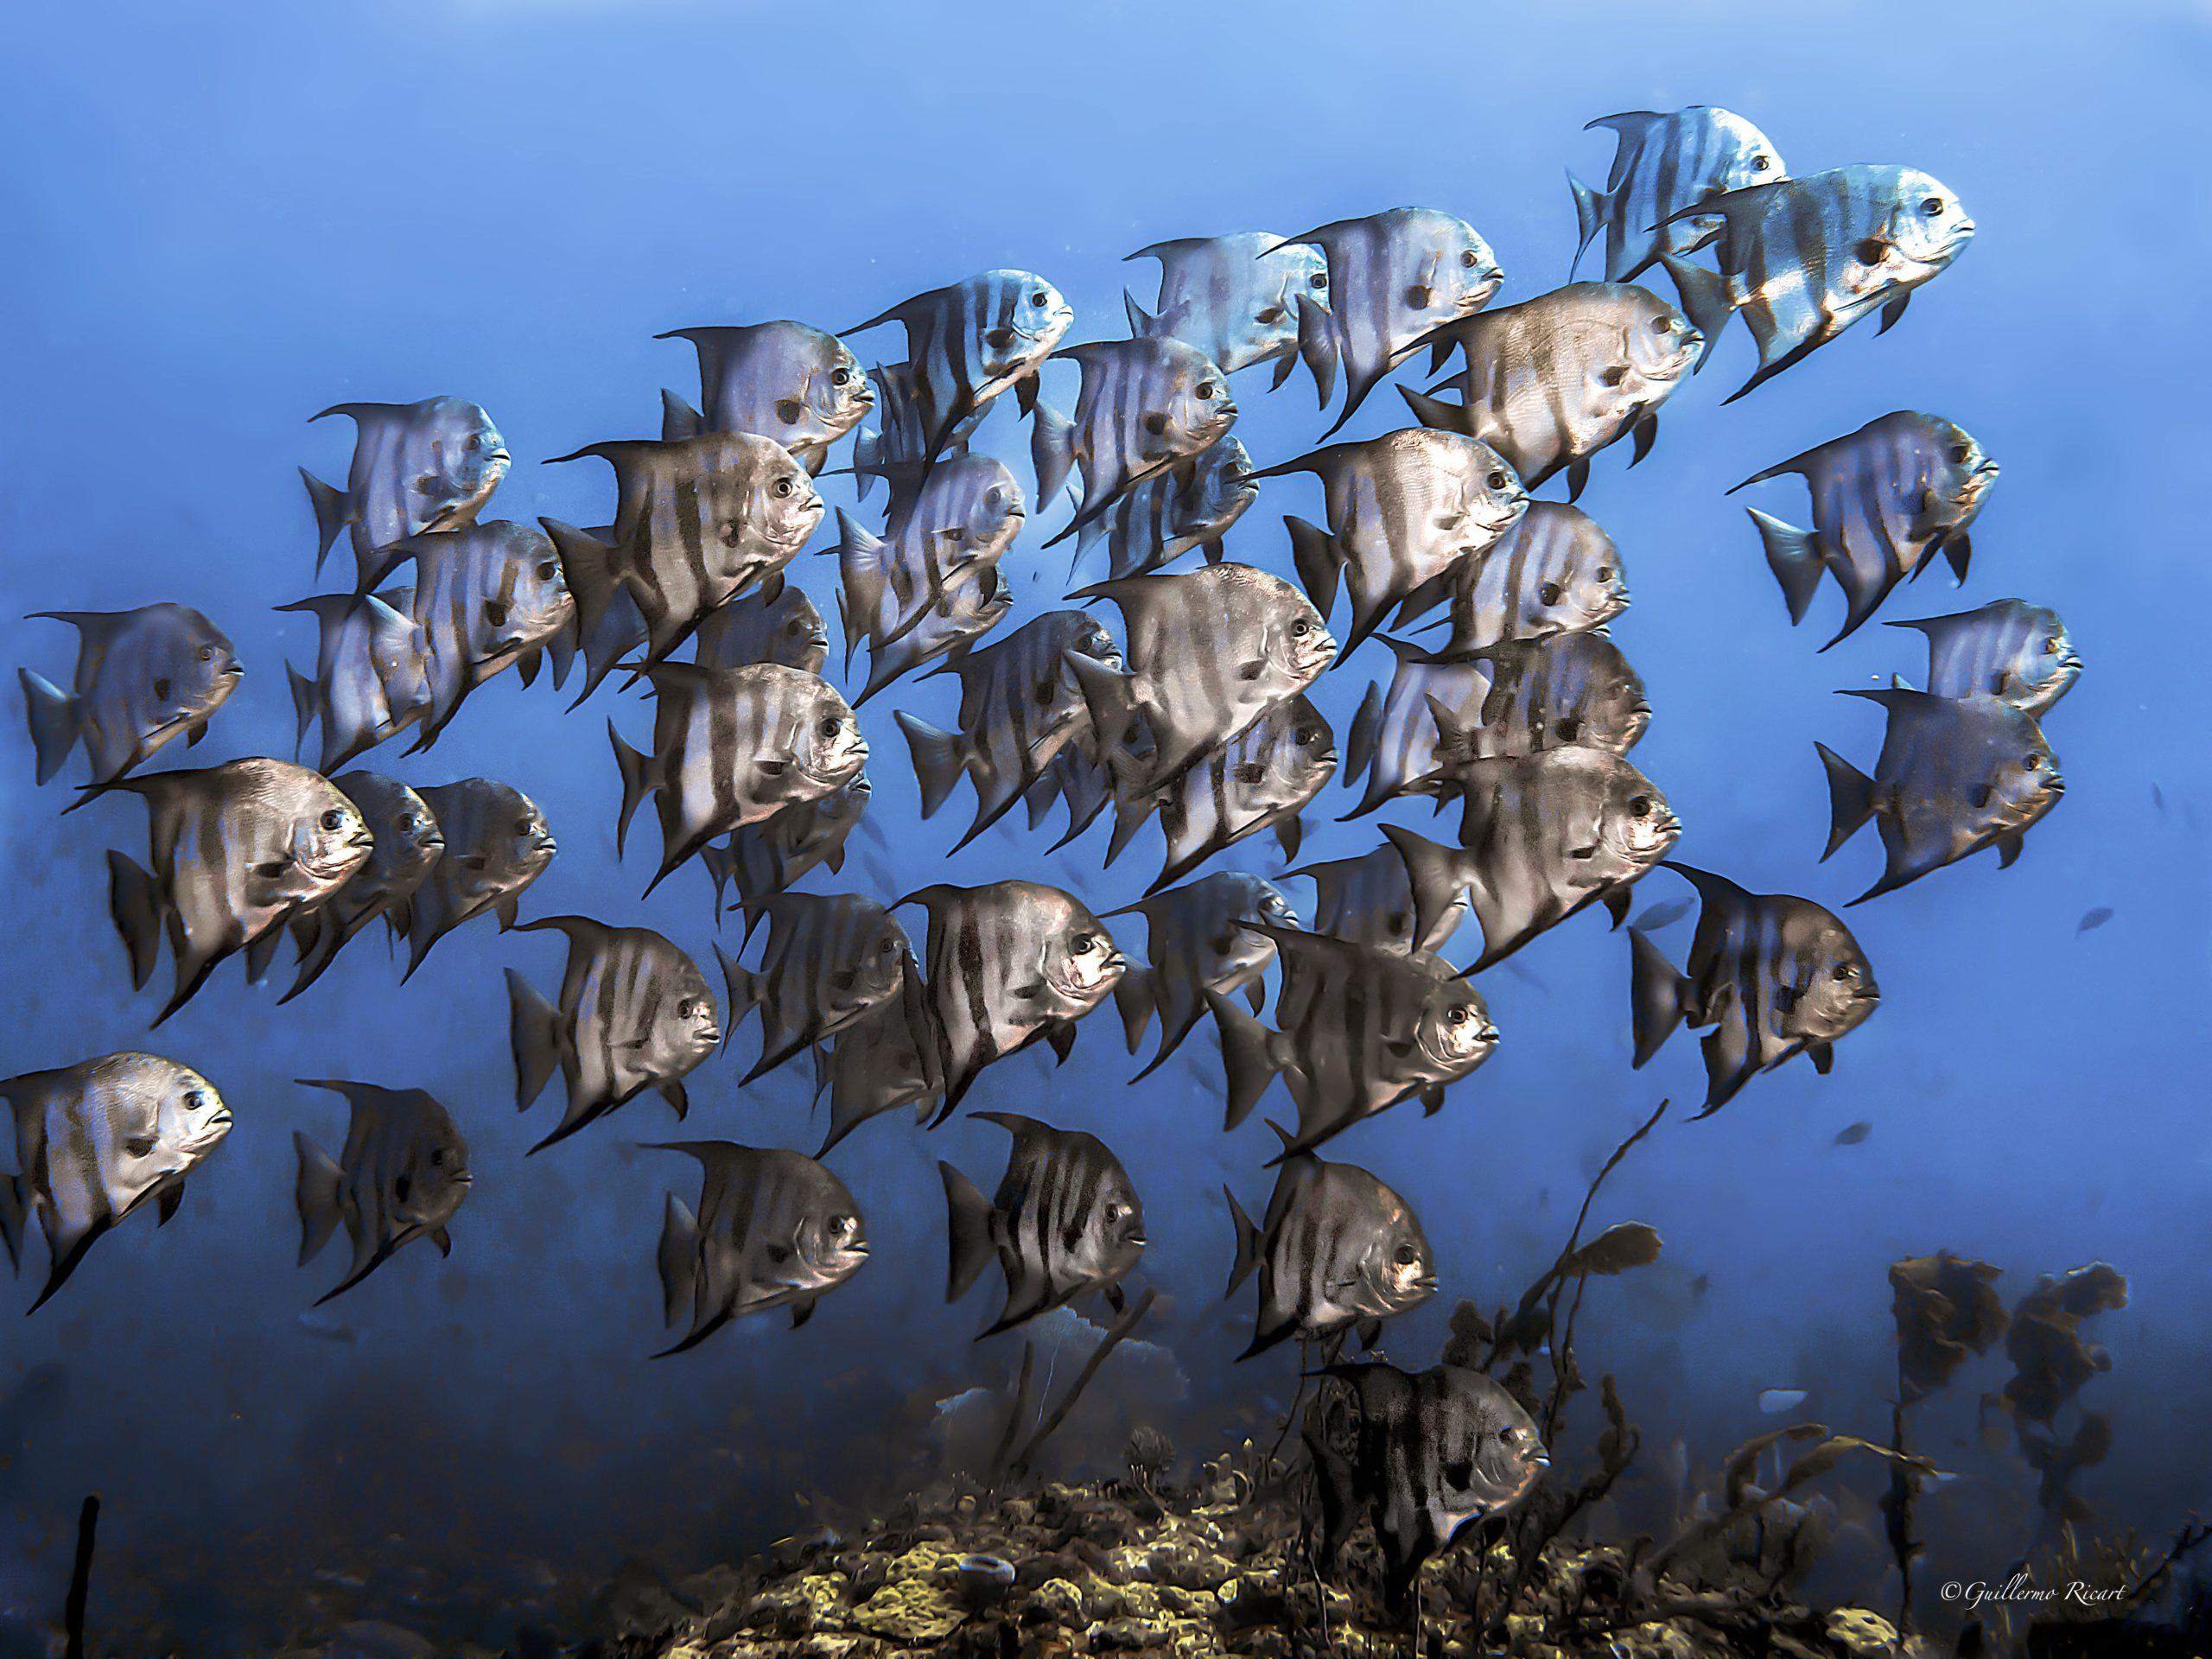 Cardúmen de Atlantic Spadefish (Chaetodipterus faber) en El Parque Nacional Submarino La Caleta - Guillermo Ricart